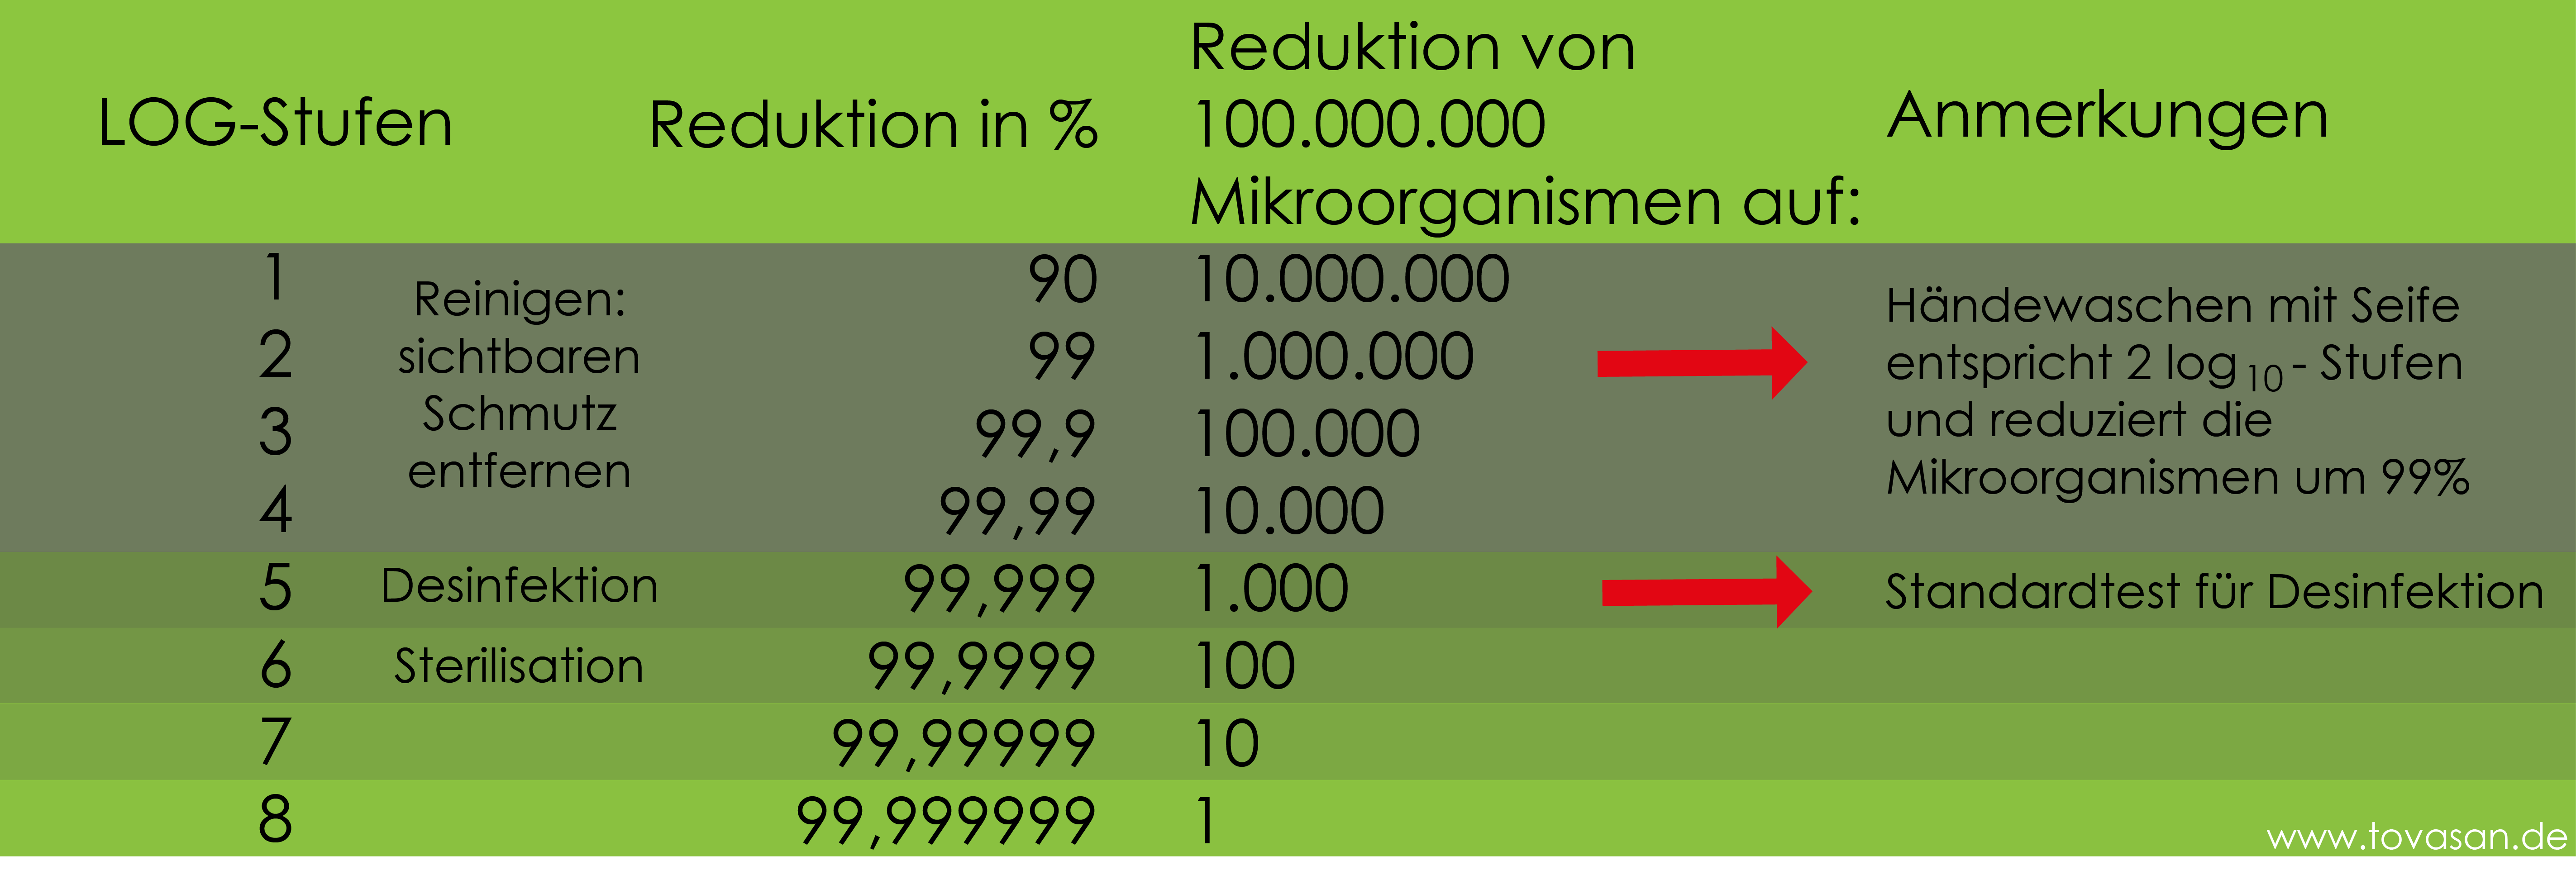 LOG Stufen der Desinfektion